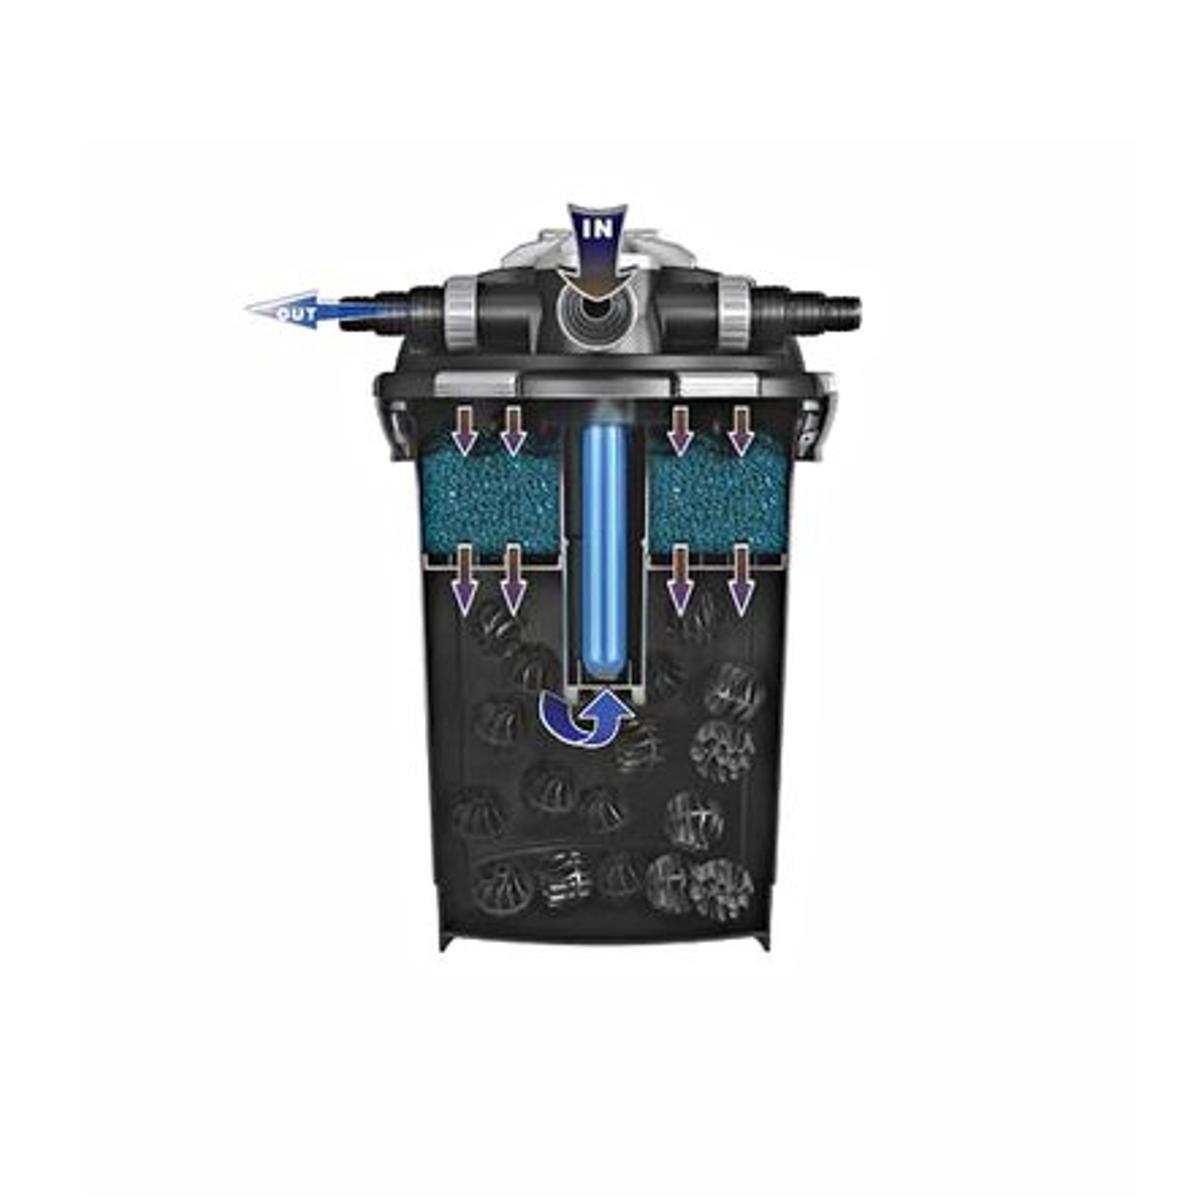 Velda vt vex pond pressure filter uvc system filtration for Best pond pressure filter